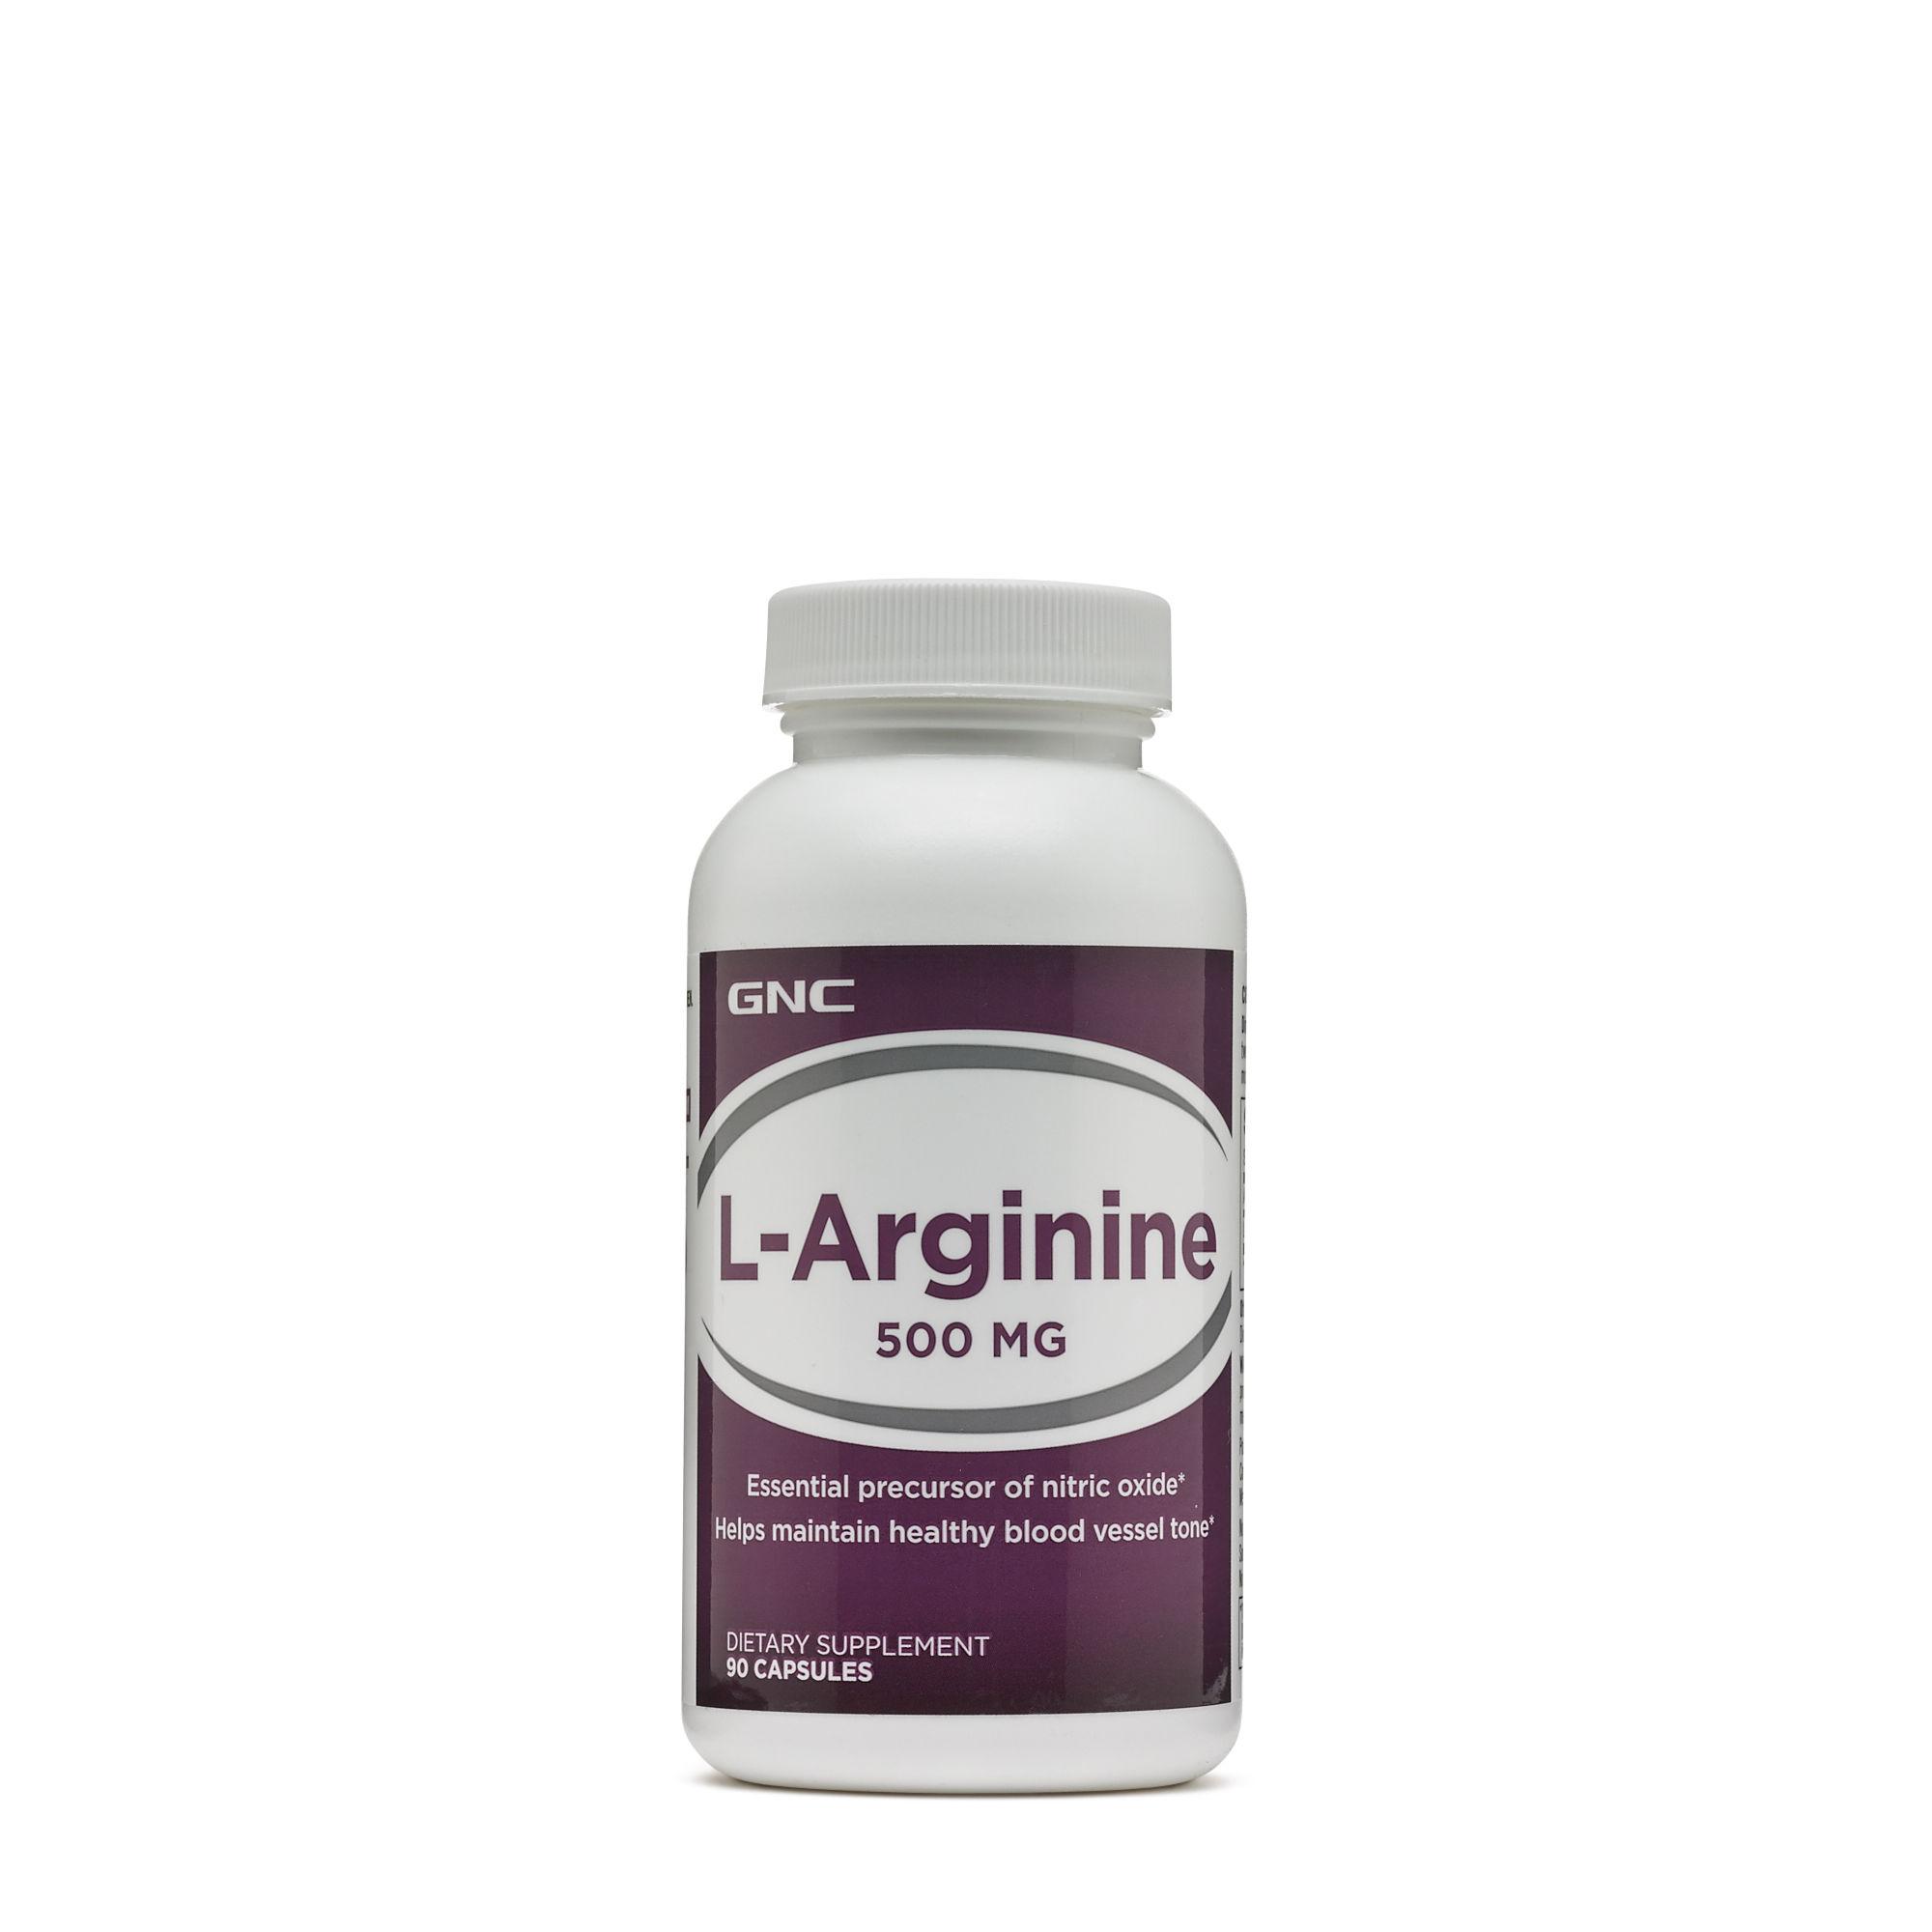 Thực Phẩm Chức Năng Hỗ trợ gan GNC L-Arginine 500MG chai 90 viên